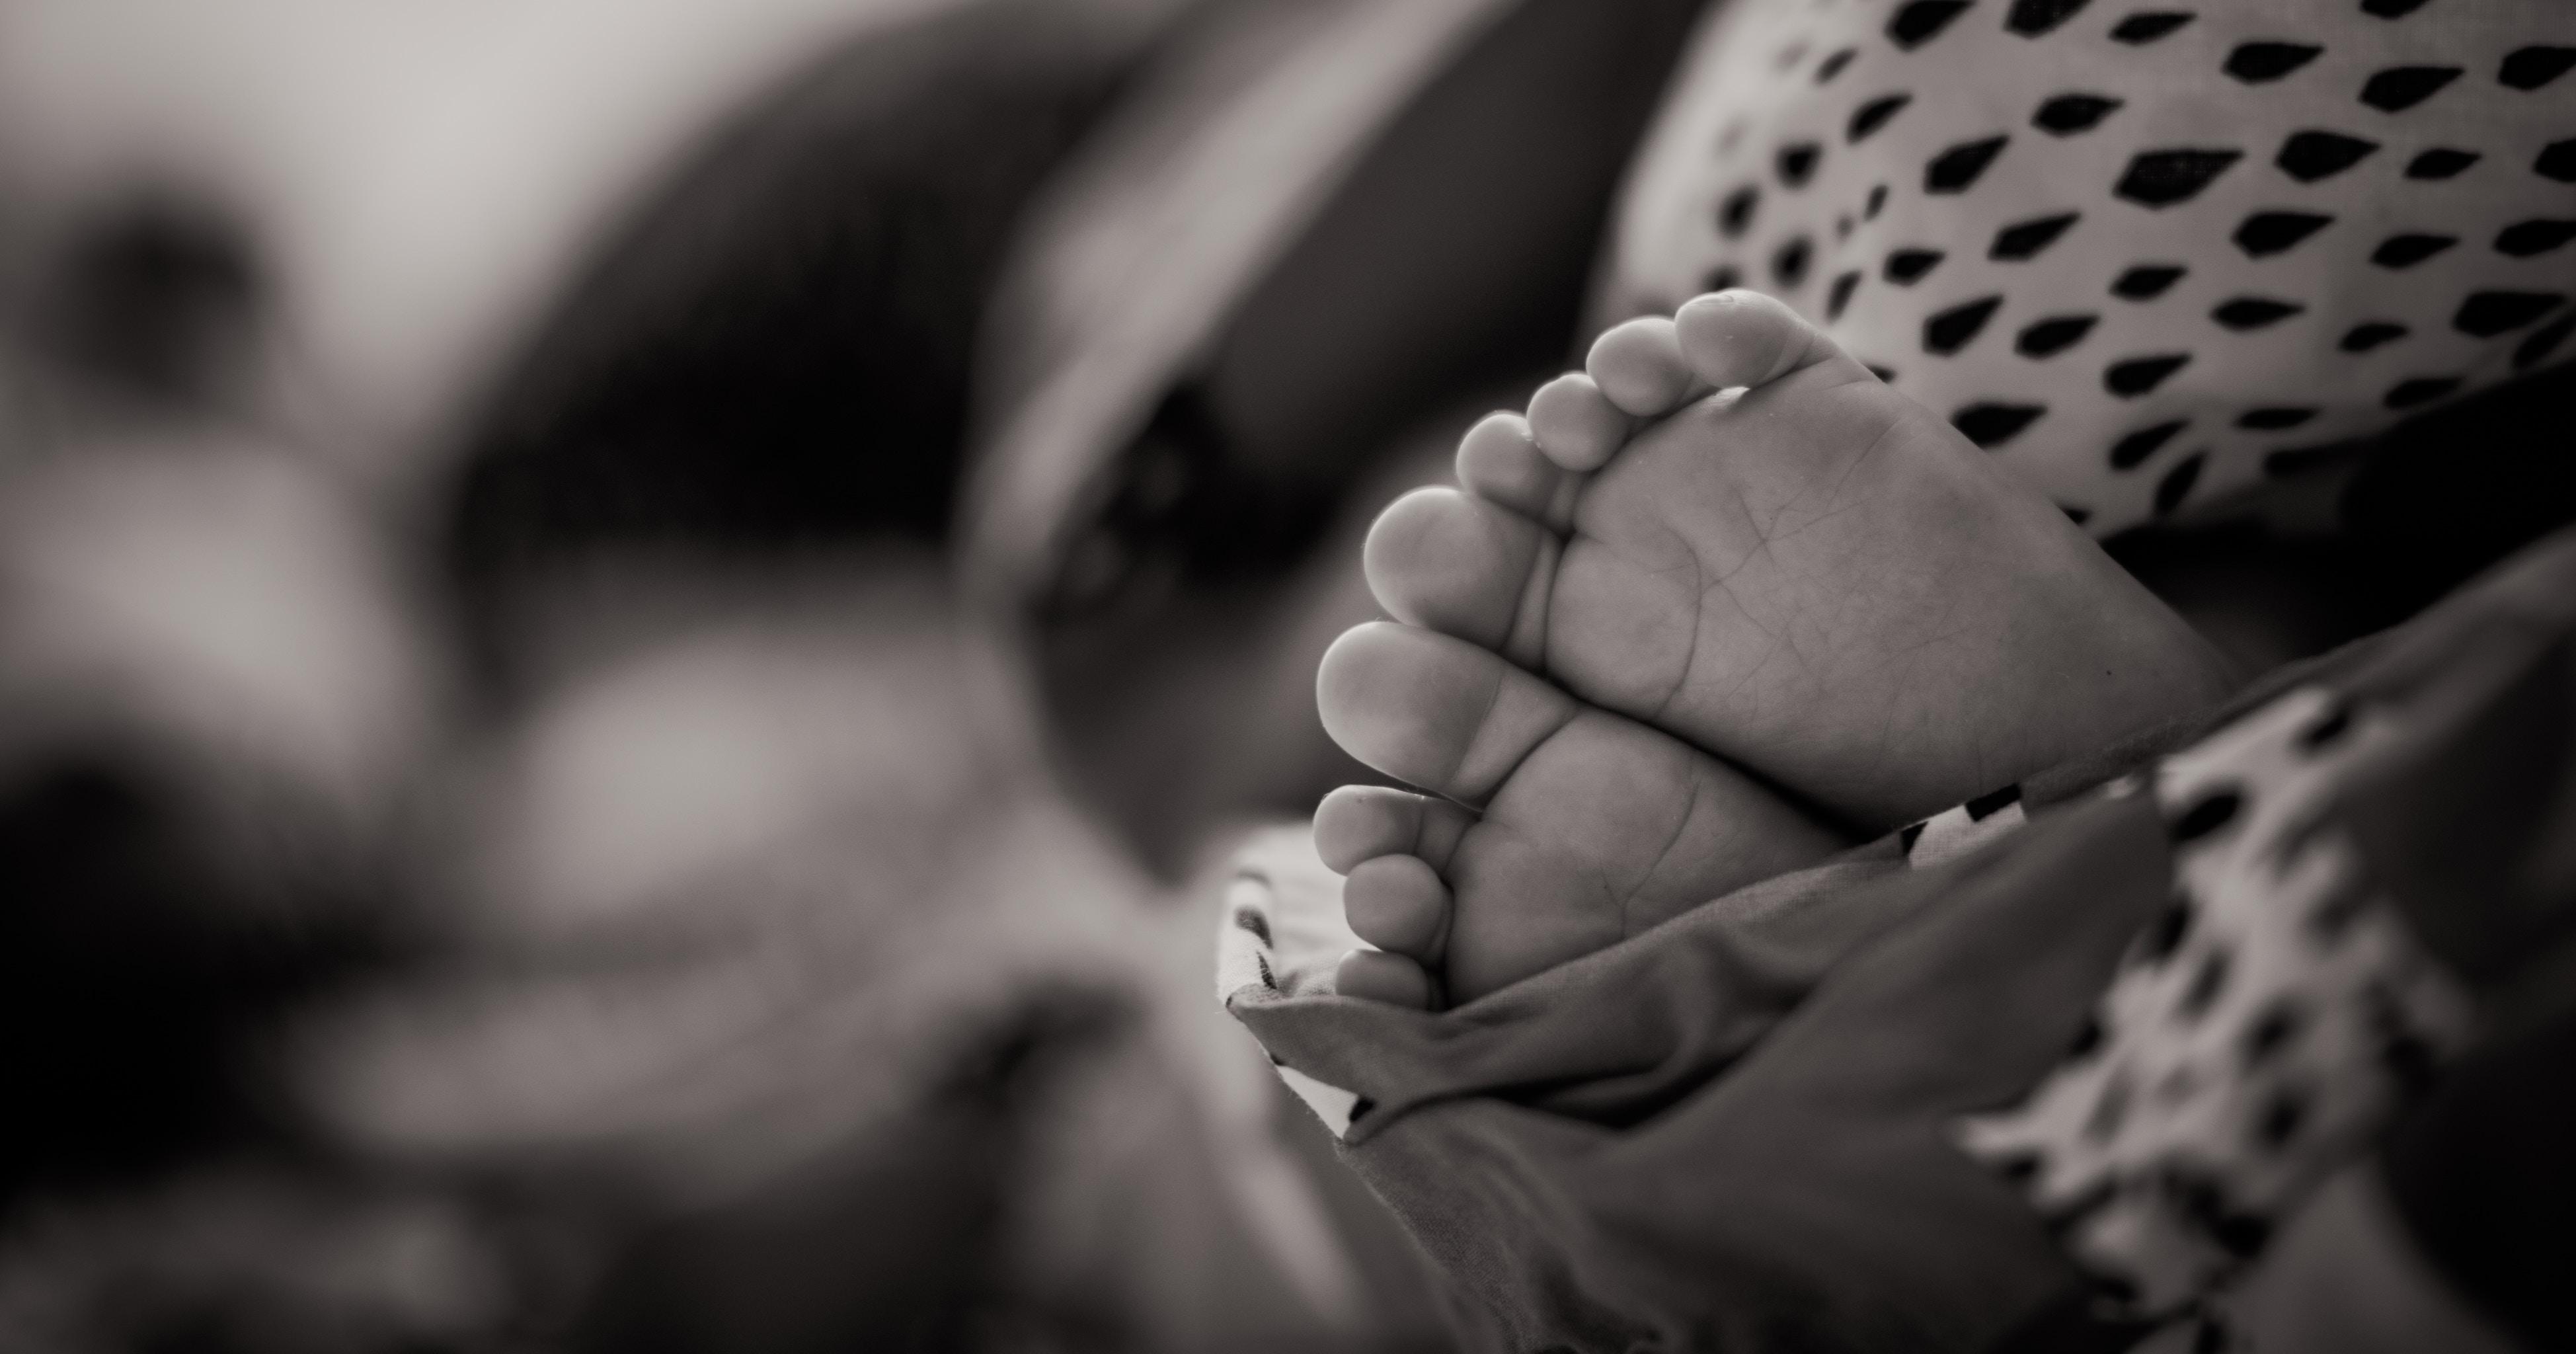 Preconception and Prenatal Care